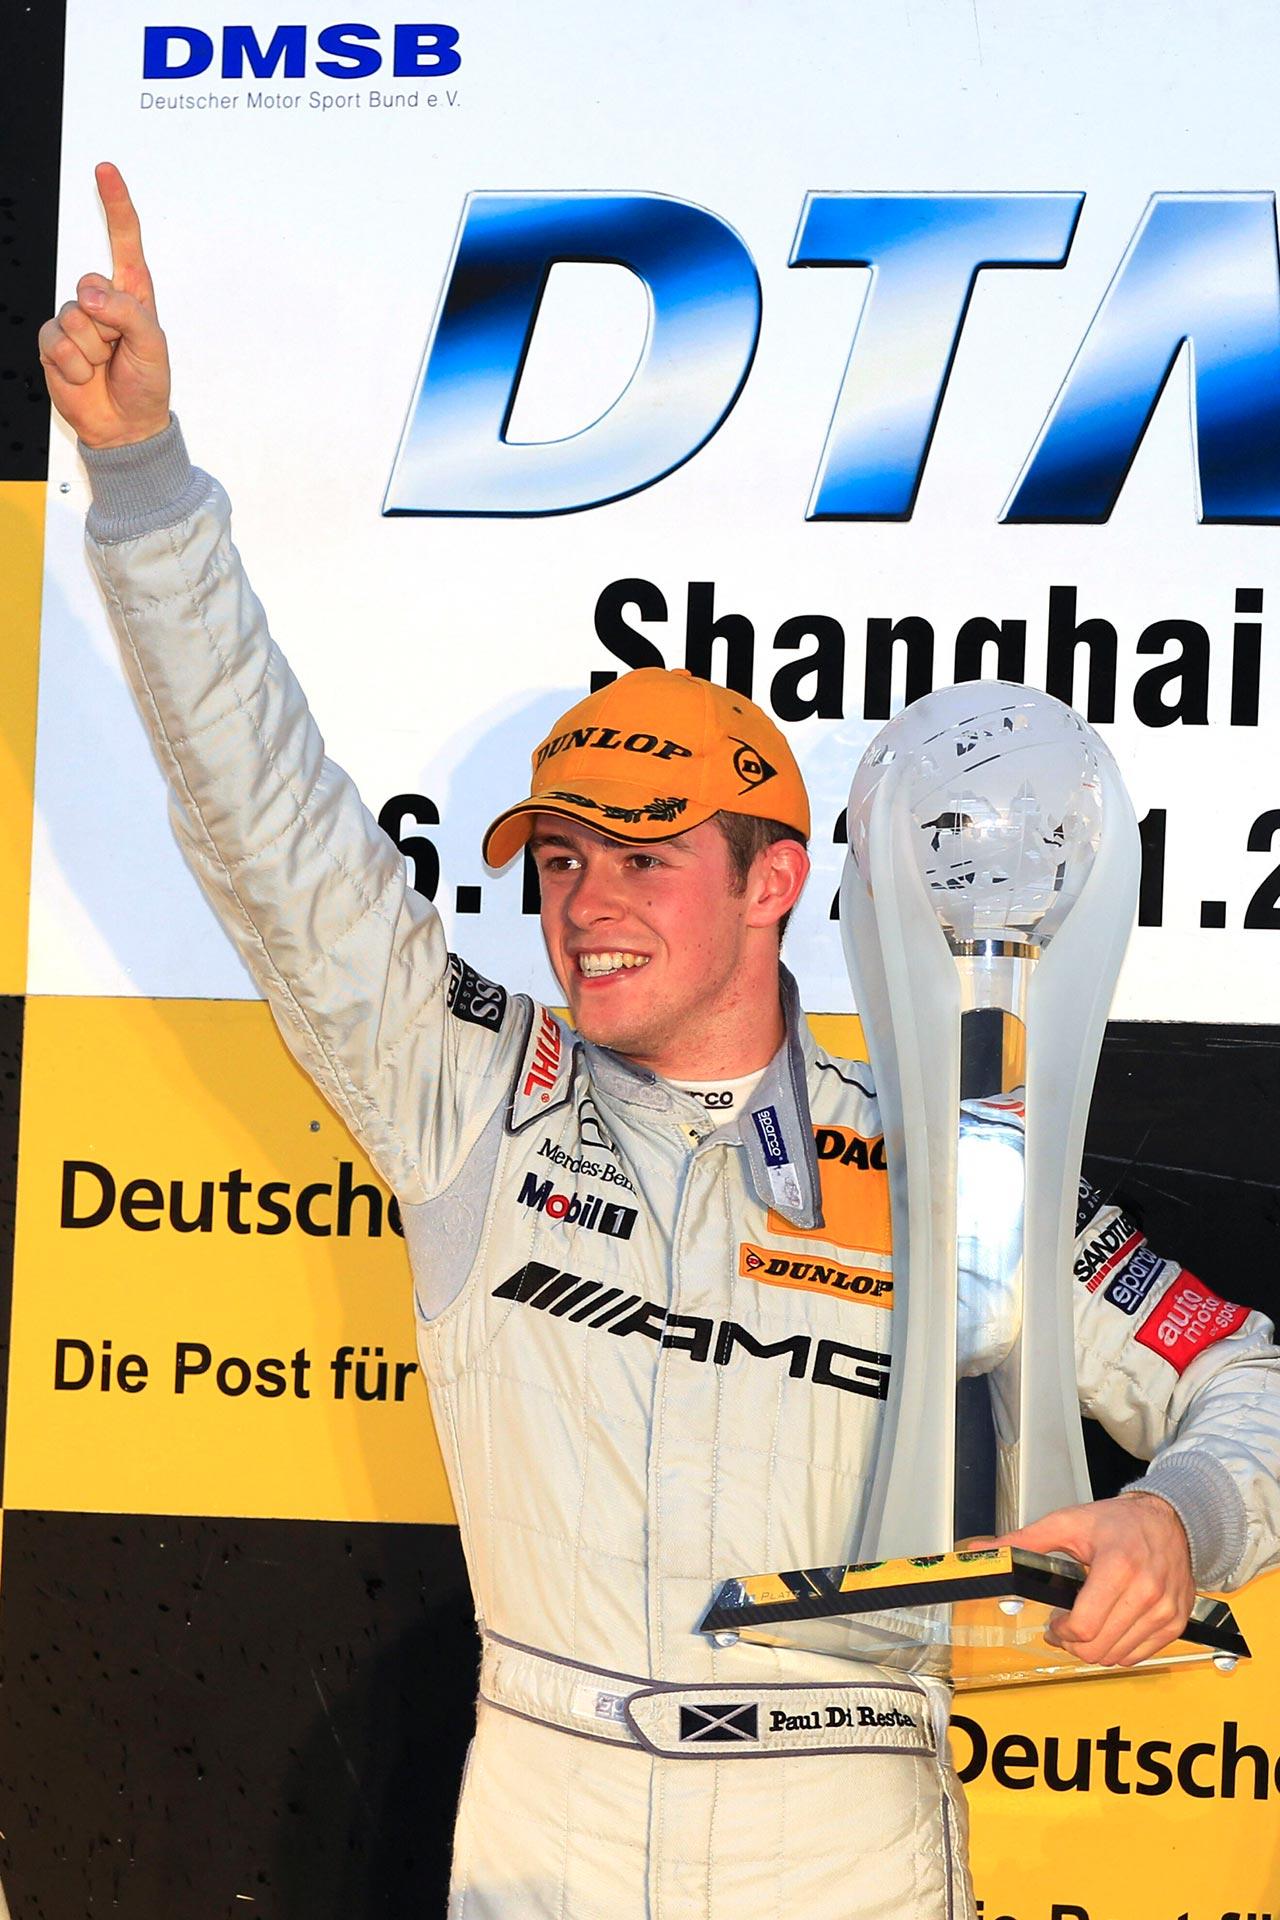 Paul Di Resta sichert sich im letzten Lauf der DTM-Saison 2010 am 28. November 2010 in Shanghai die Fahrermeisterschaft auf AMG Mercedes-Benz C-Klasse. Er führt einen Dreifachsieg der Marke mit dem Stern in der Fahrerwertung an: Gary Paffett wird Vizemeister, Bruno Spengler kommt auf Platz 3.